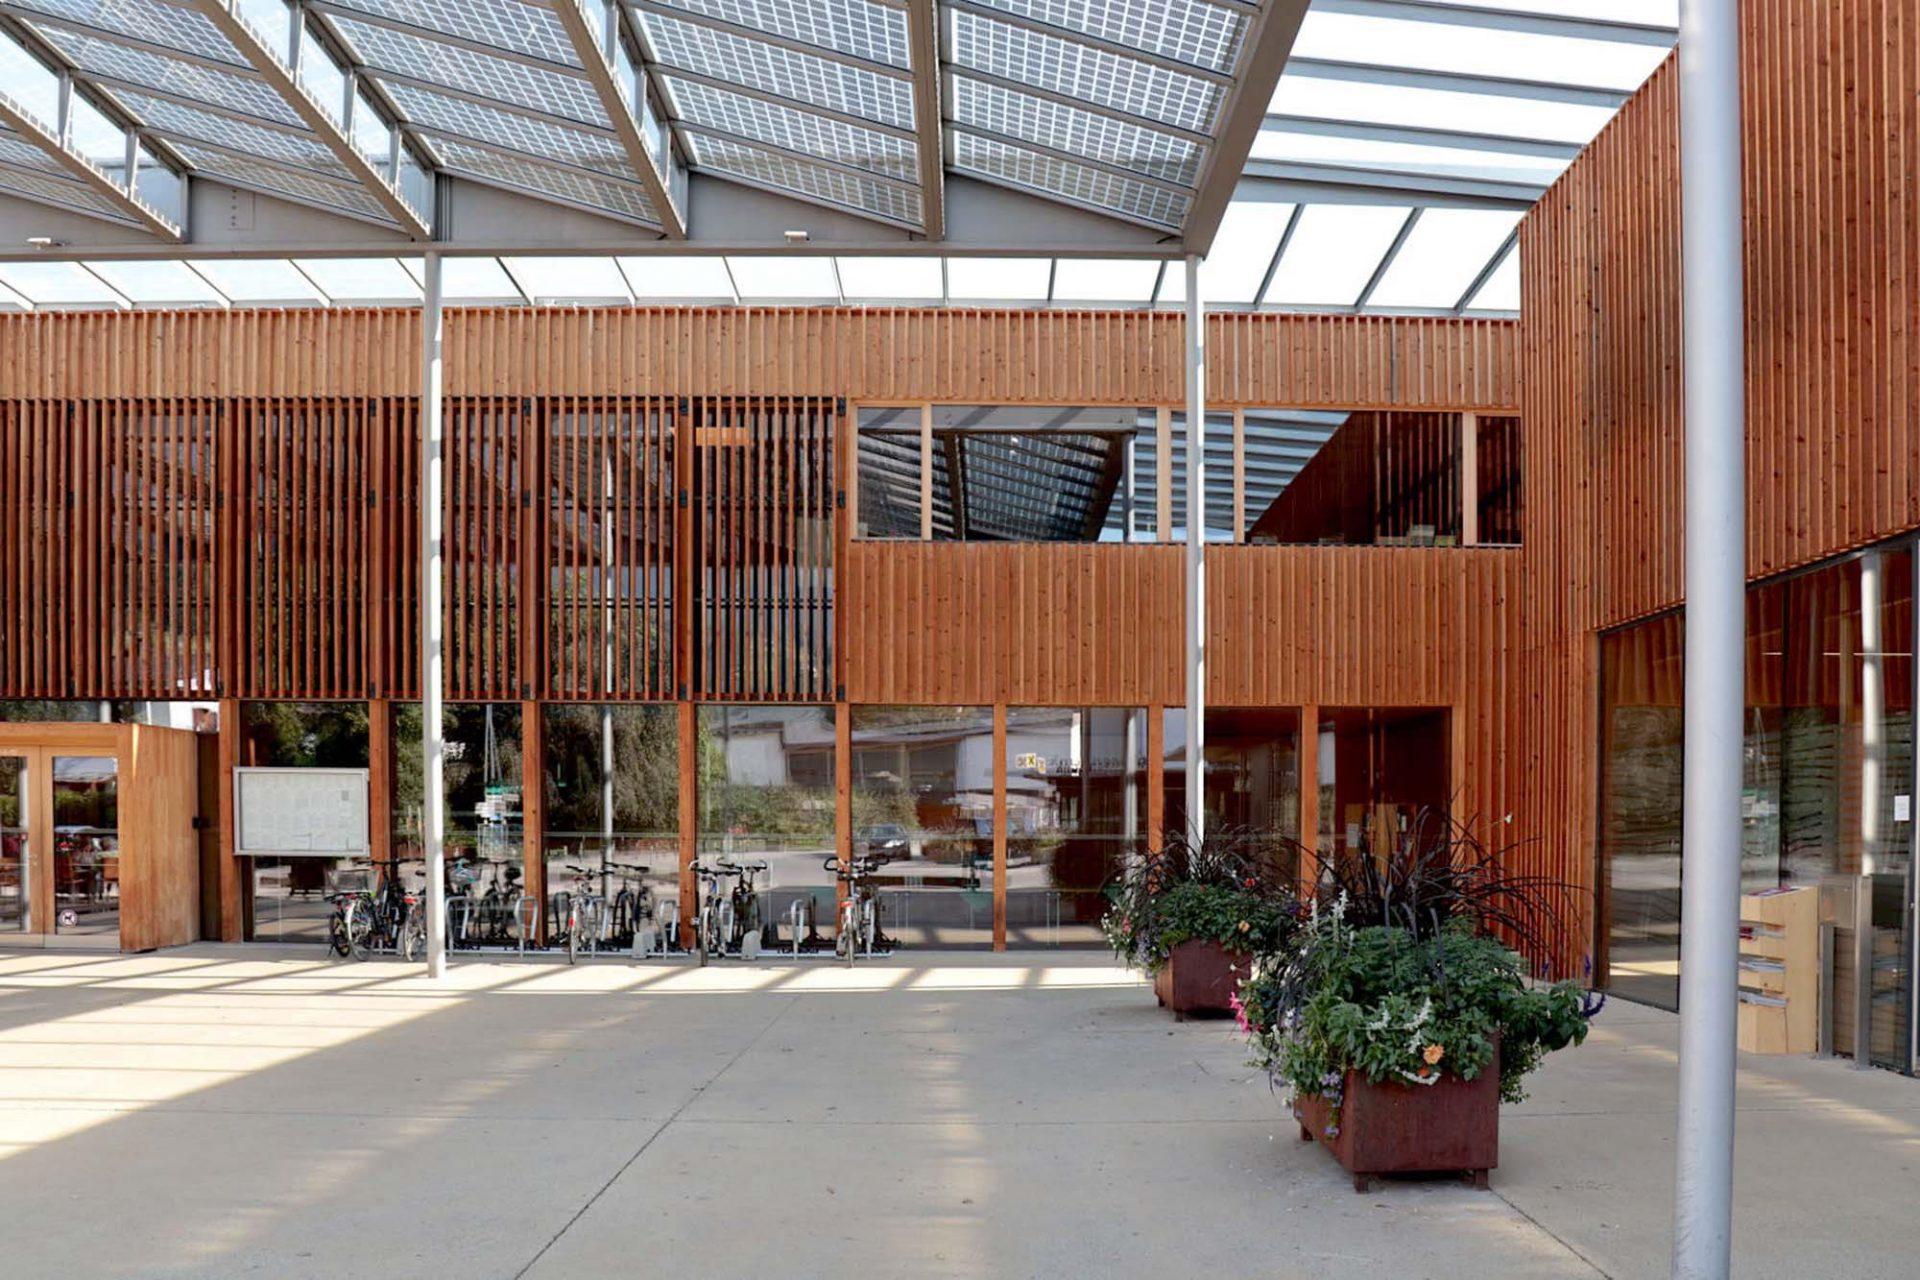 Gemeindezentrum Ludesch. Das von Hermann Kaufmann 2005 errichtete Gemeindezentrum wurde aufgrund seiner energetischen, baubiologischen und ökologischen Standards vielfach ausgezeichnet.